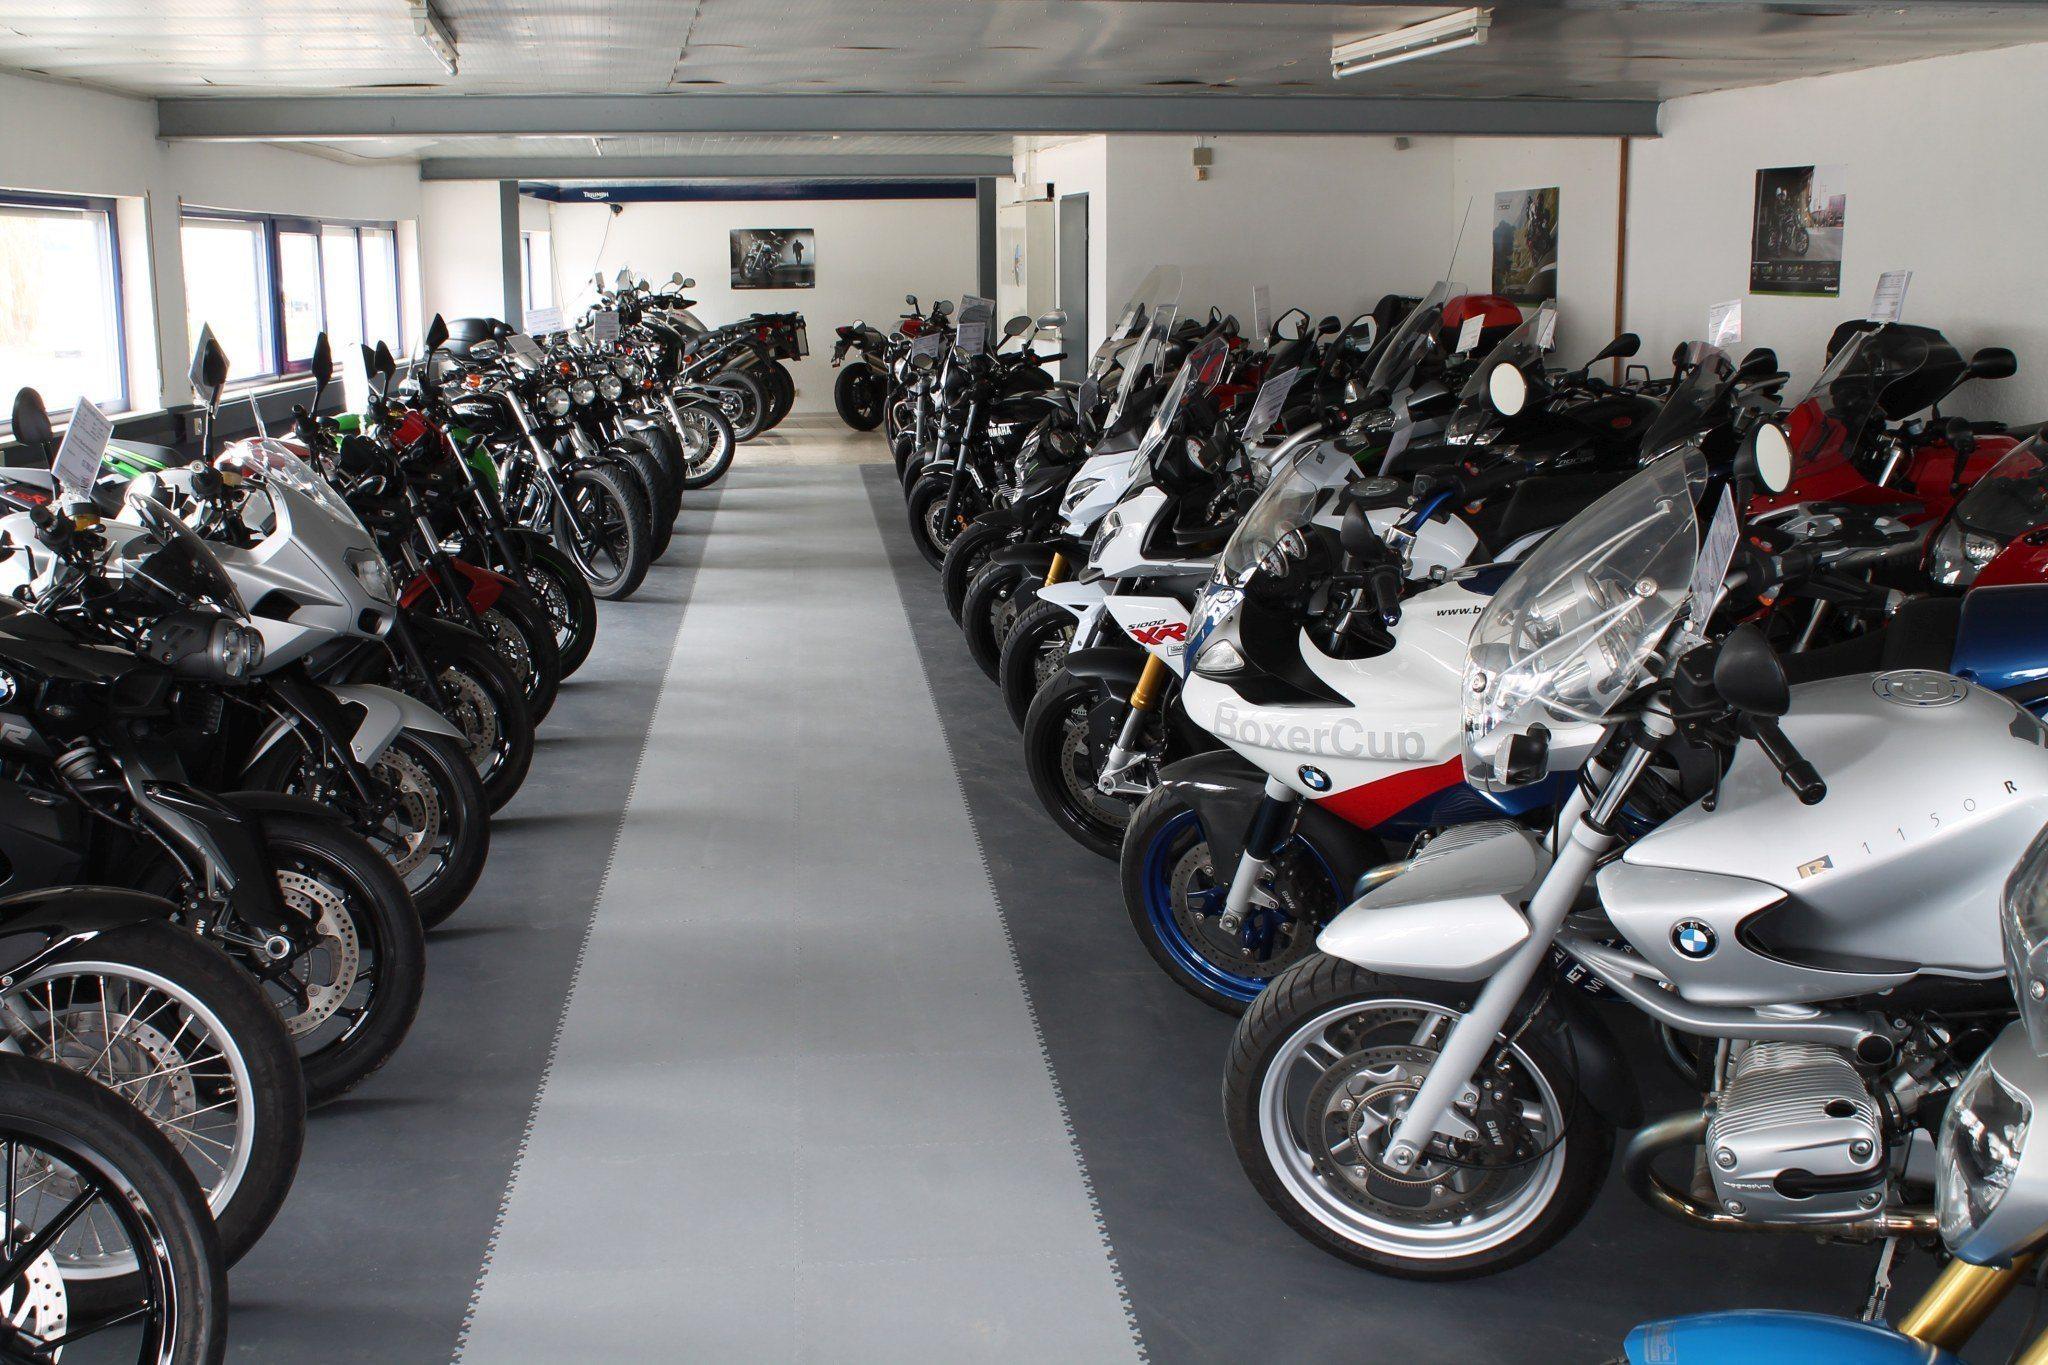 Motorrad-Ausstellung mit PVC Boden Fliesen schwimmend verlegt